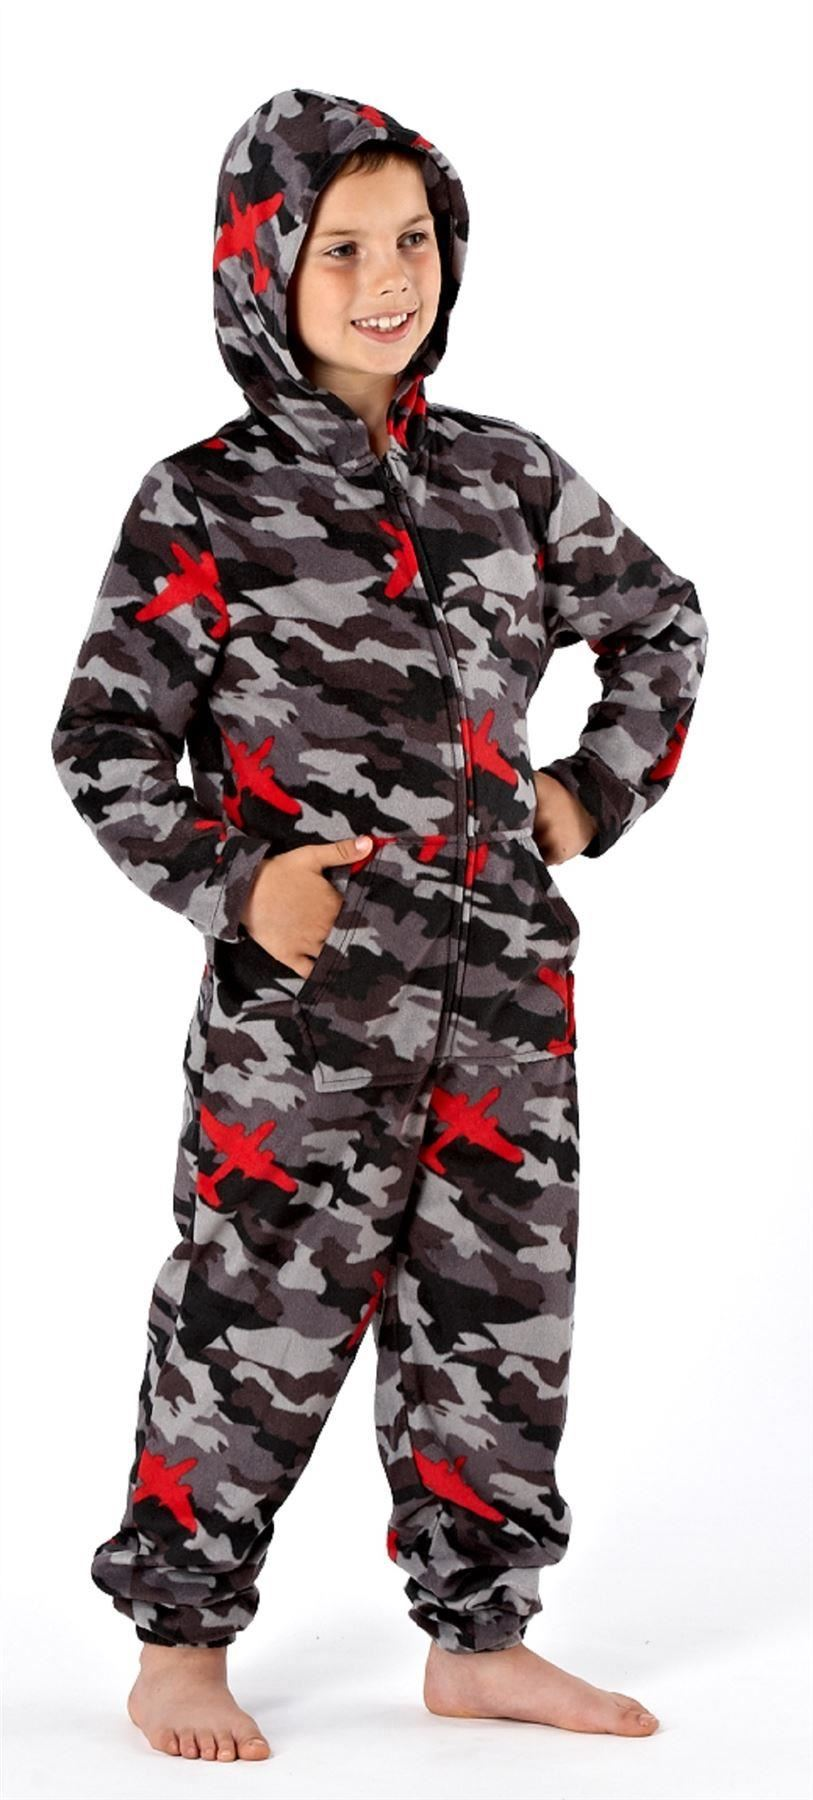 Boys Camo Onesie All In One Sleepwear Pyjamas Pajama One Piece ...